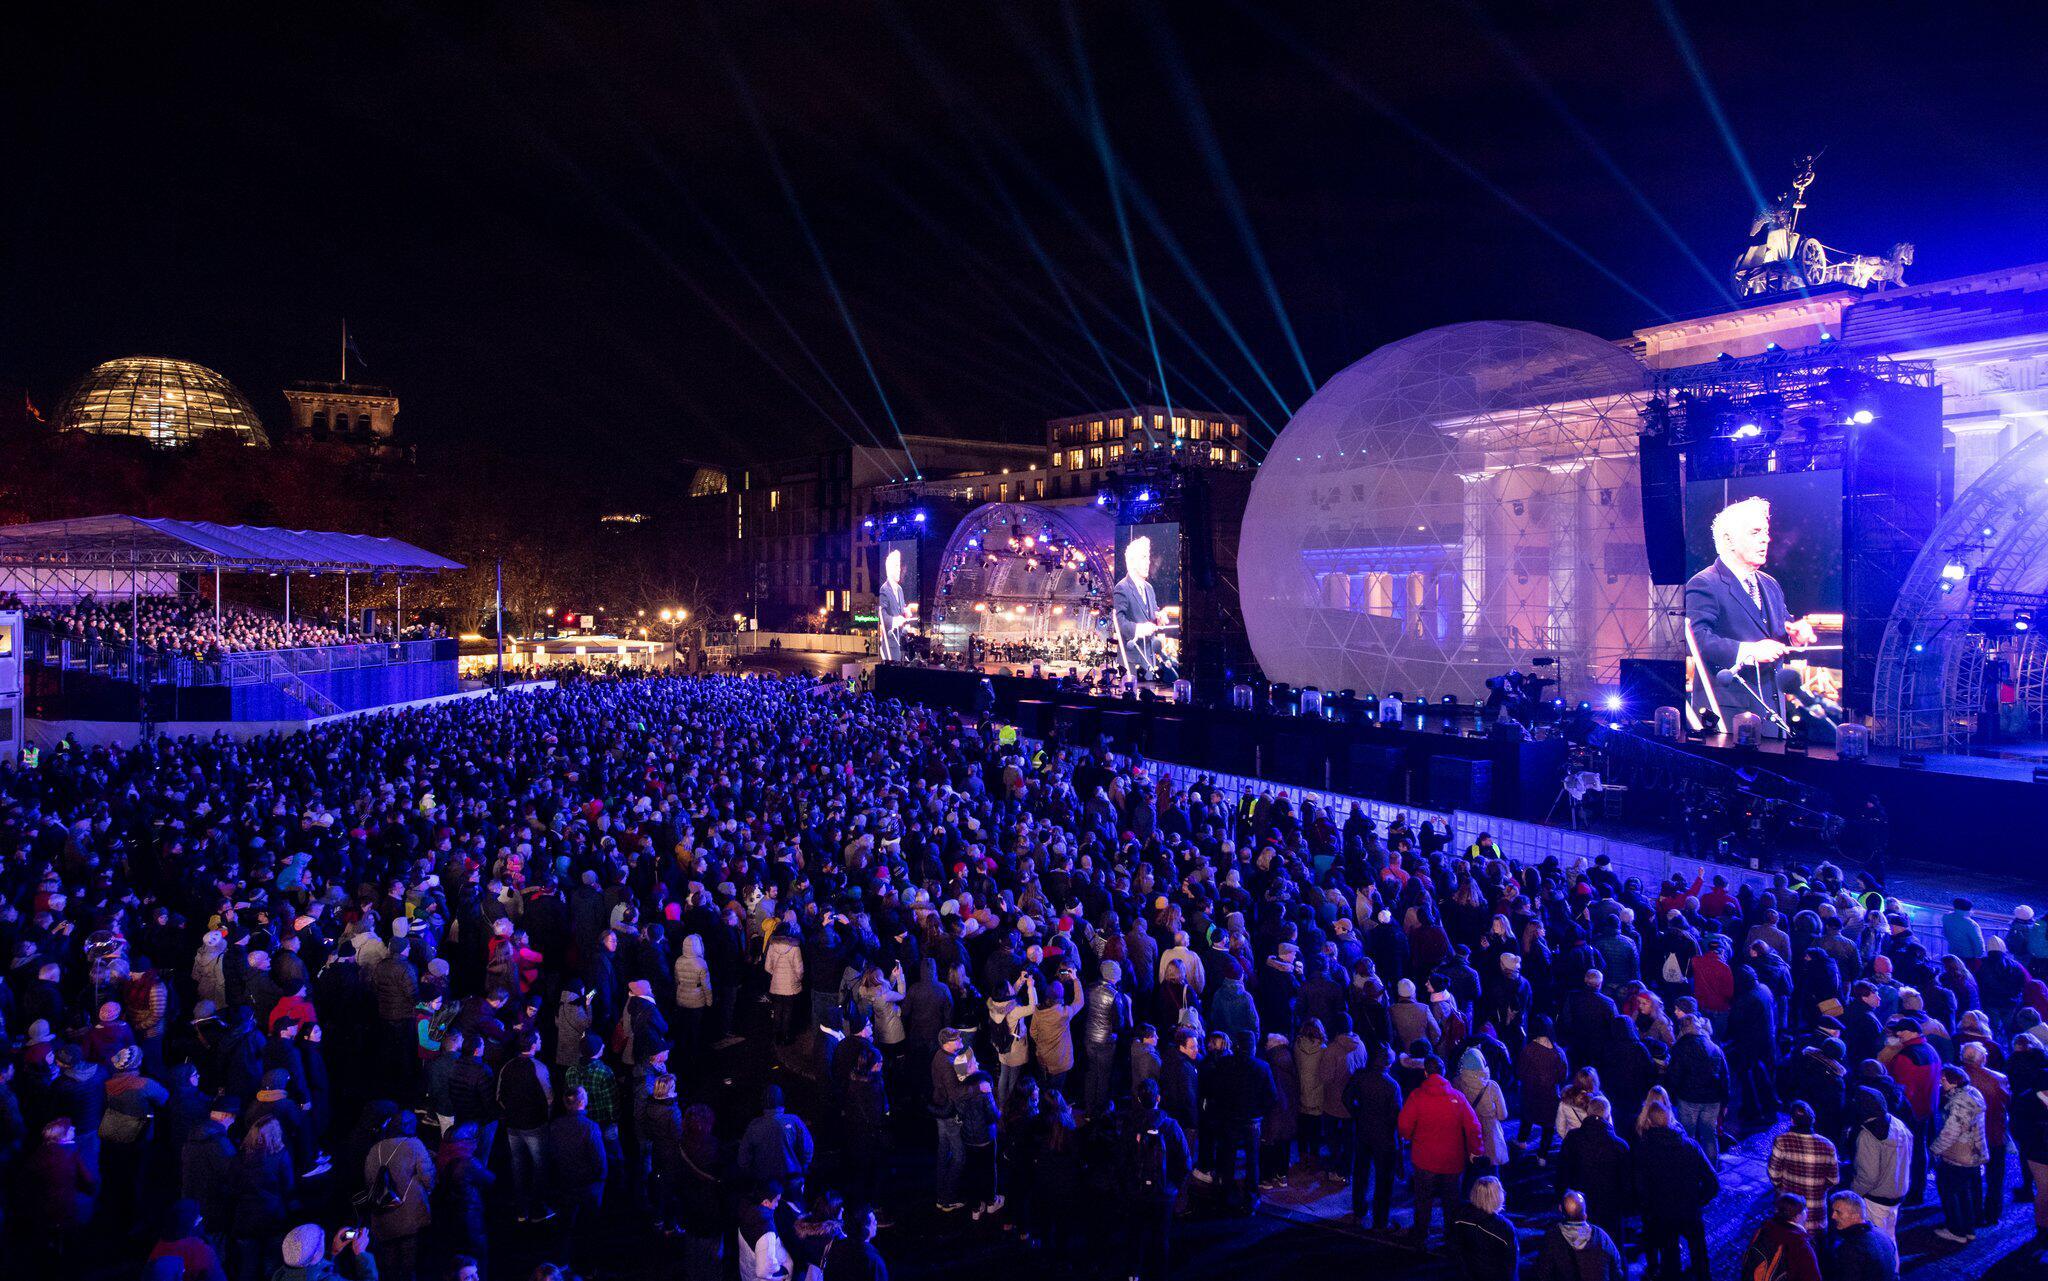 Bild zu 30. Jahrestag Mauerfall - Feier am Brandenburger Tor